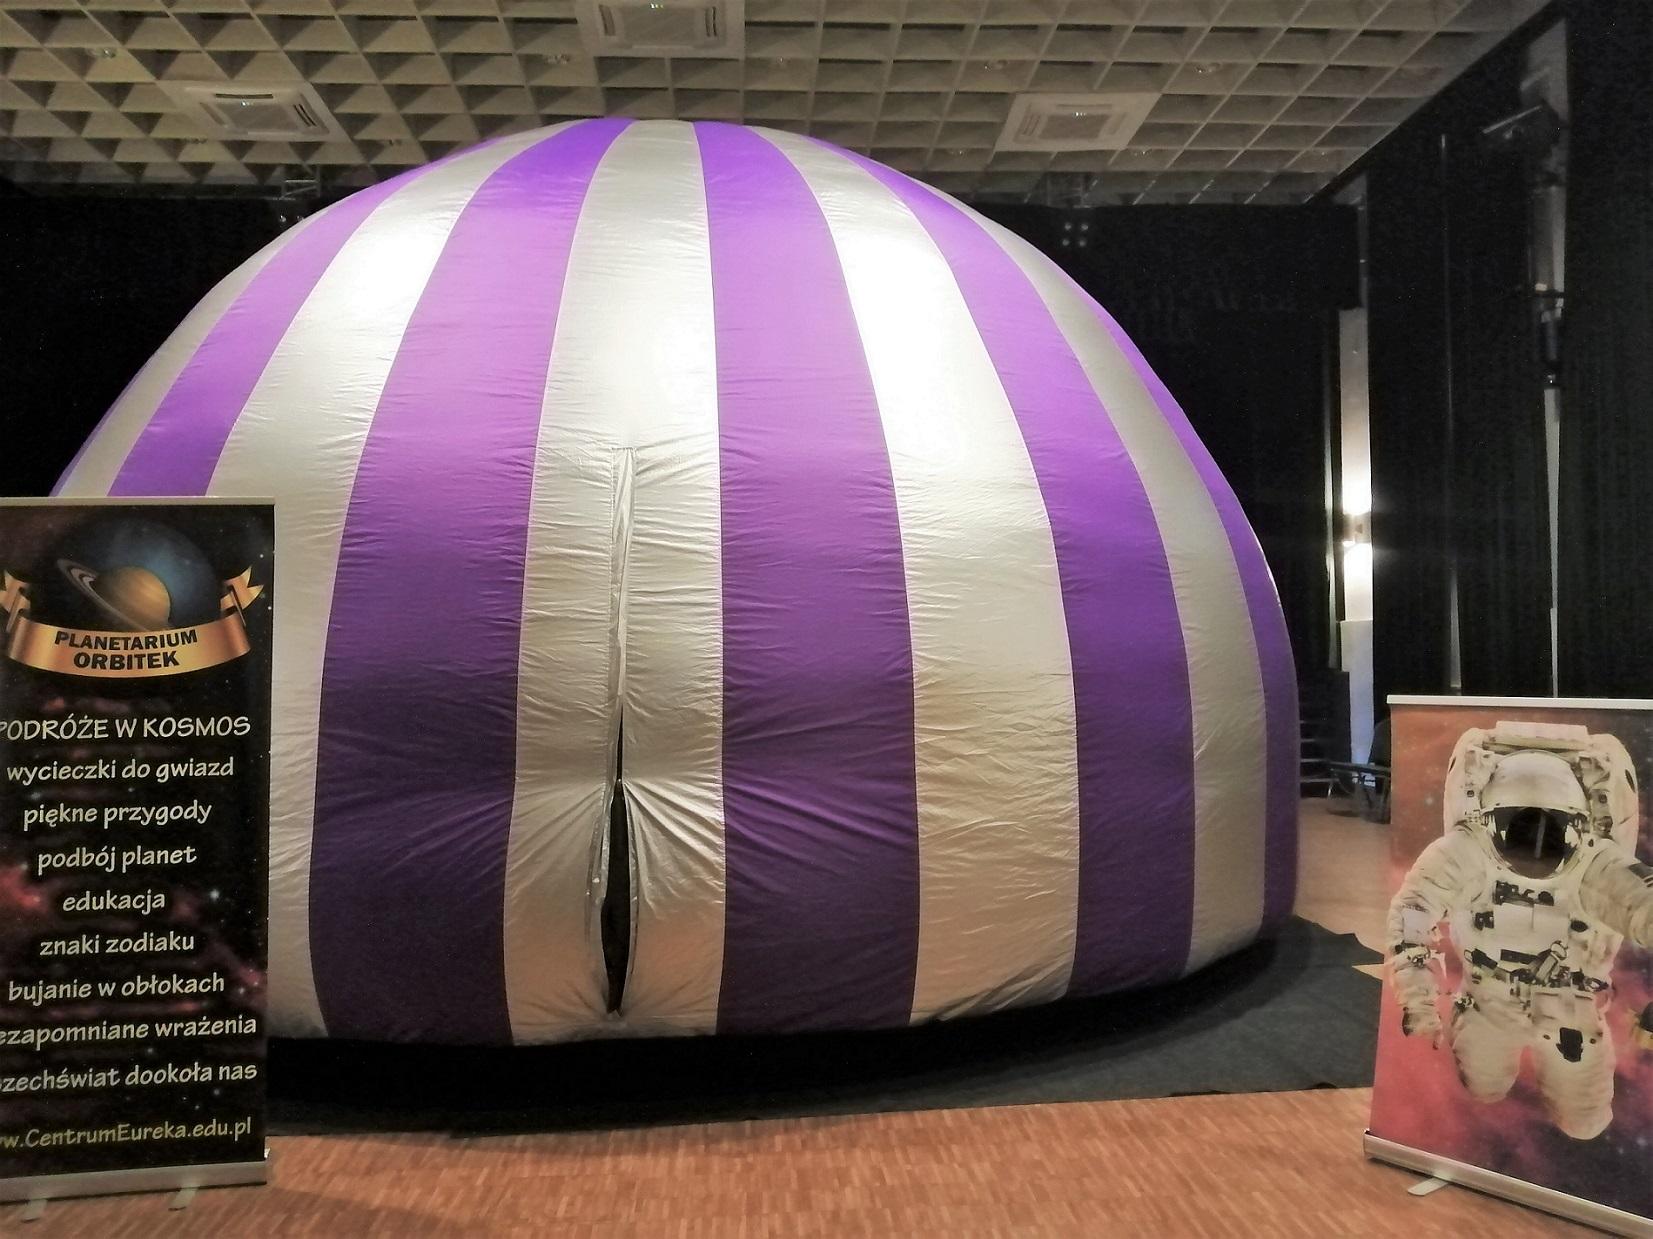 Mobilne Planetarium ORBITEK